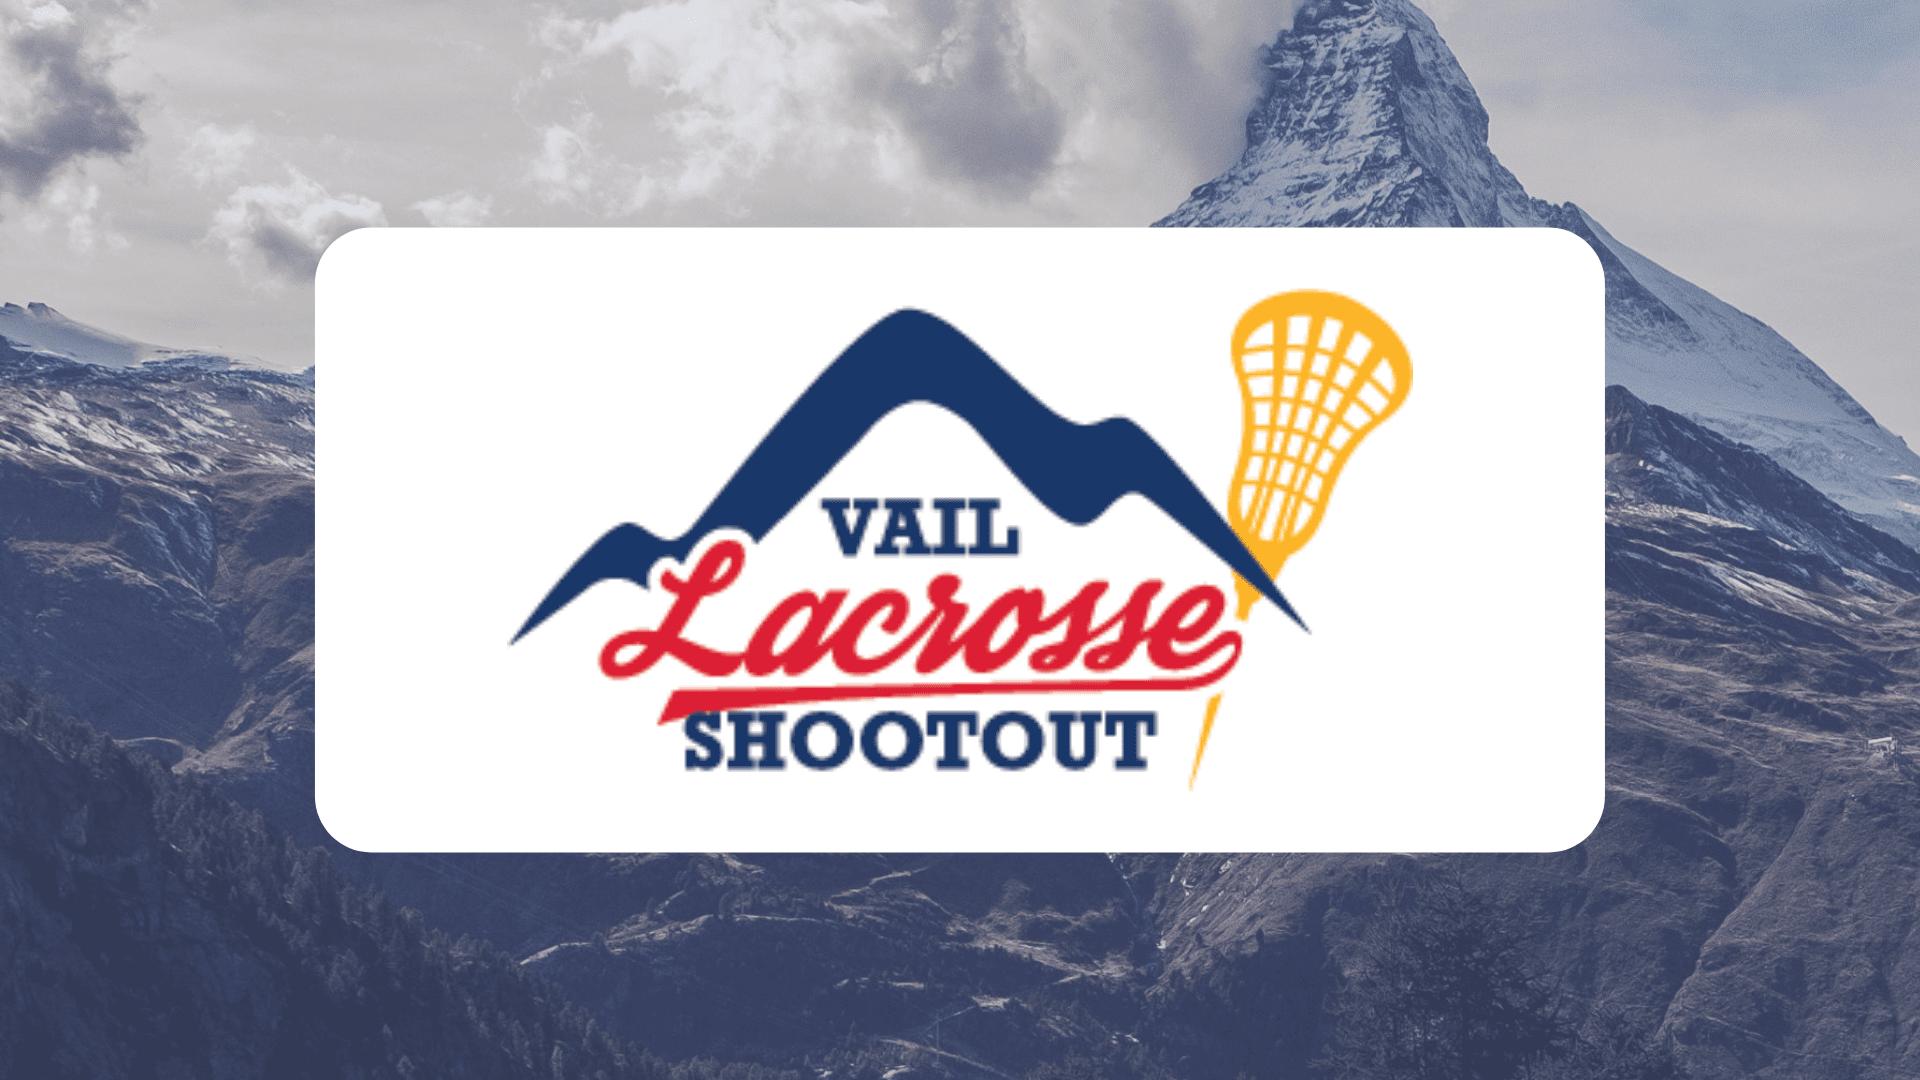 vail lacrosse shootout